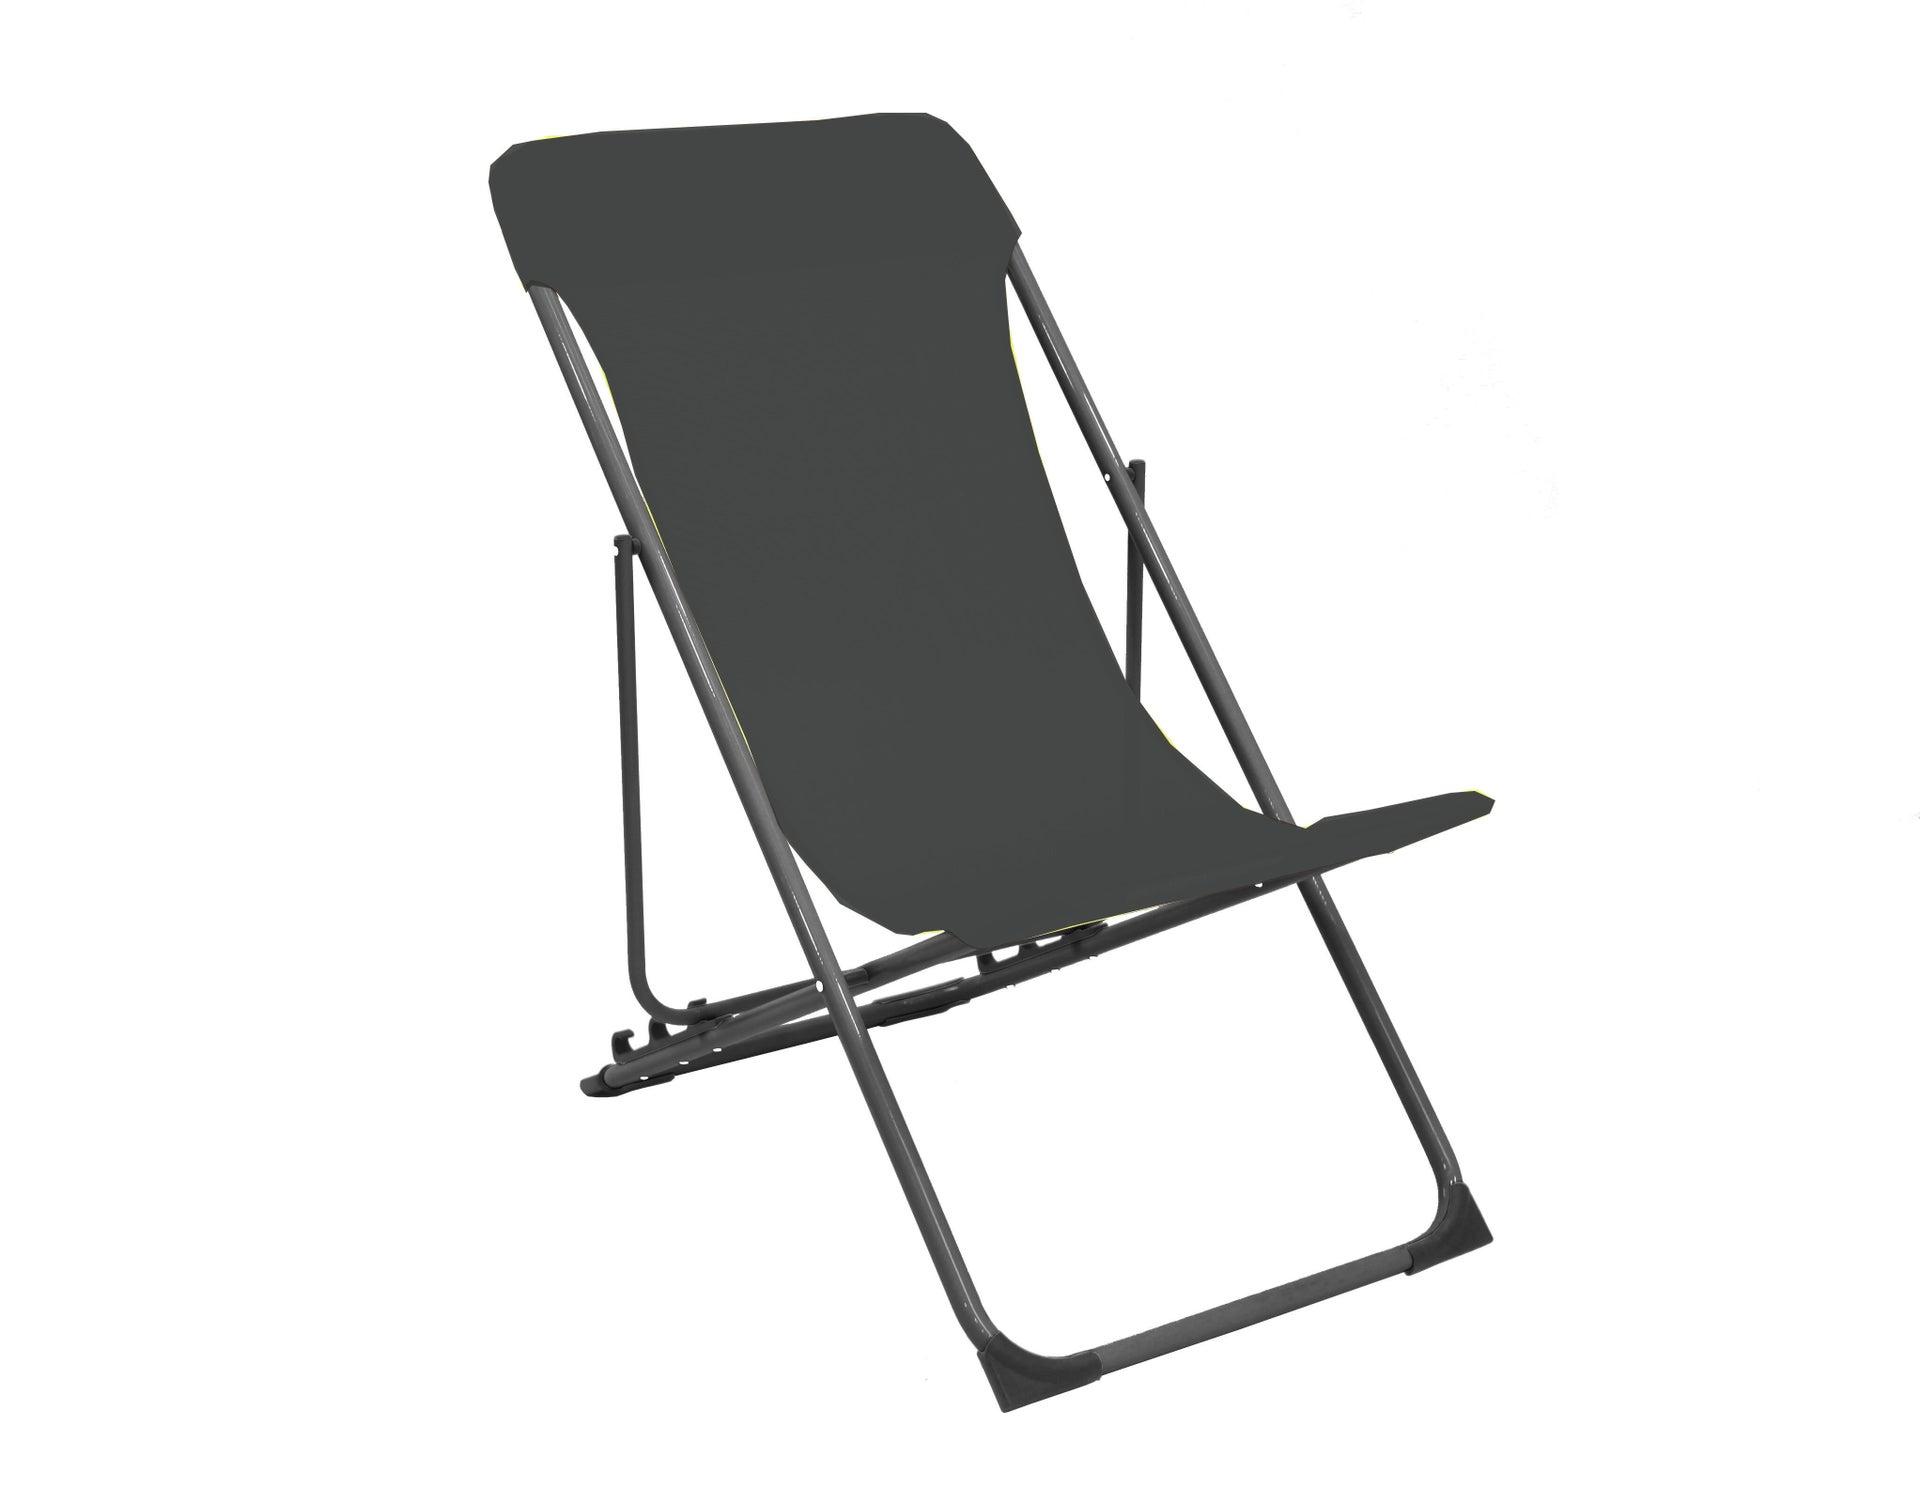 Sedia da giardino senza cuscino pieghevole in acciaio Biganos colore antracite - 4